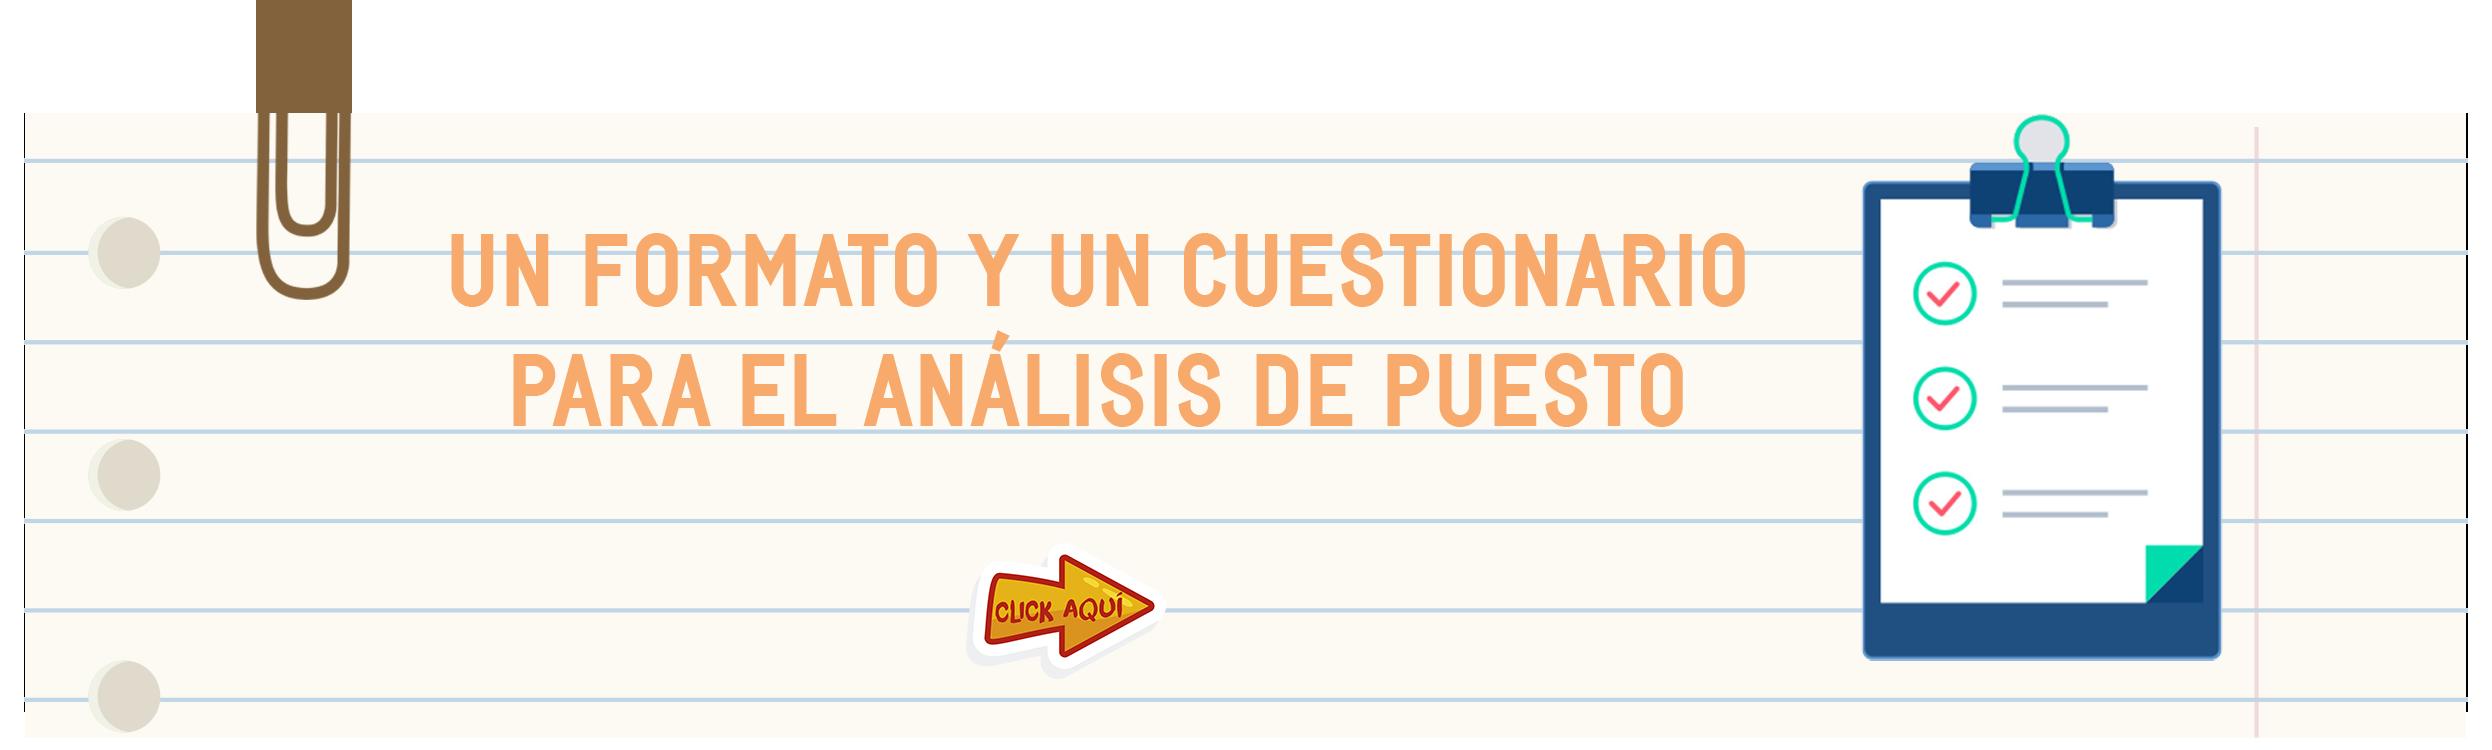 cuestionario_analisis_puesto.png